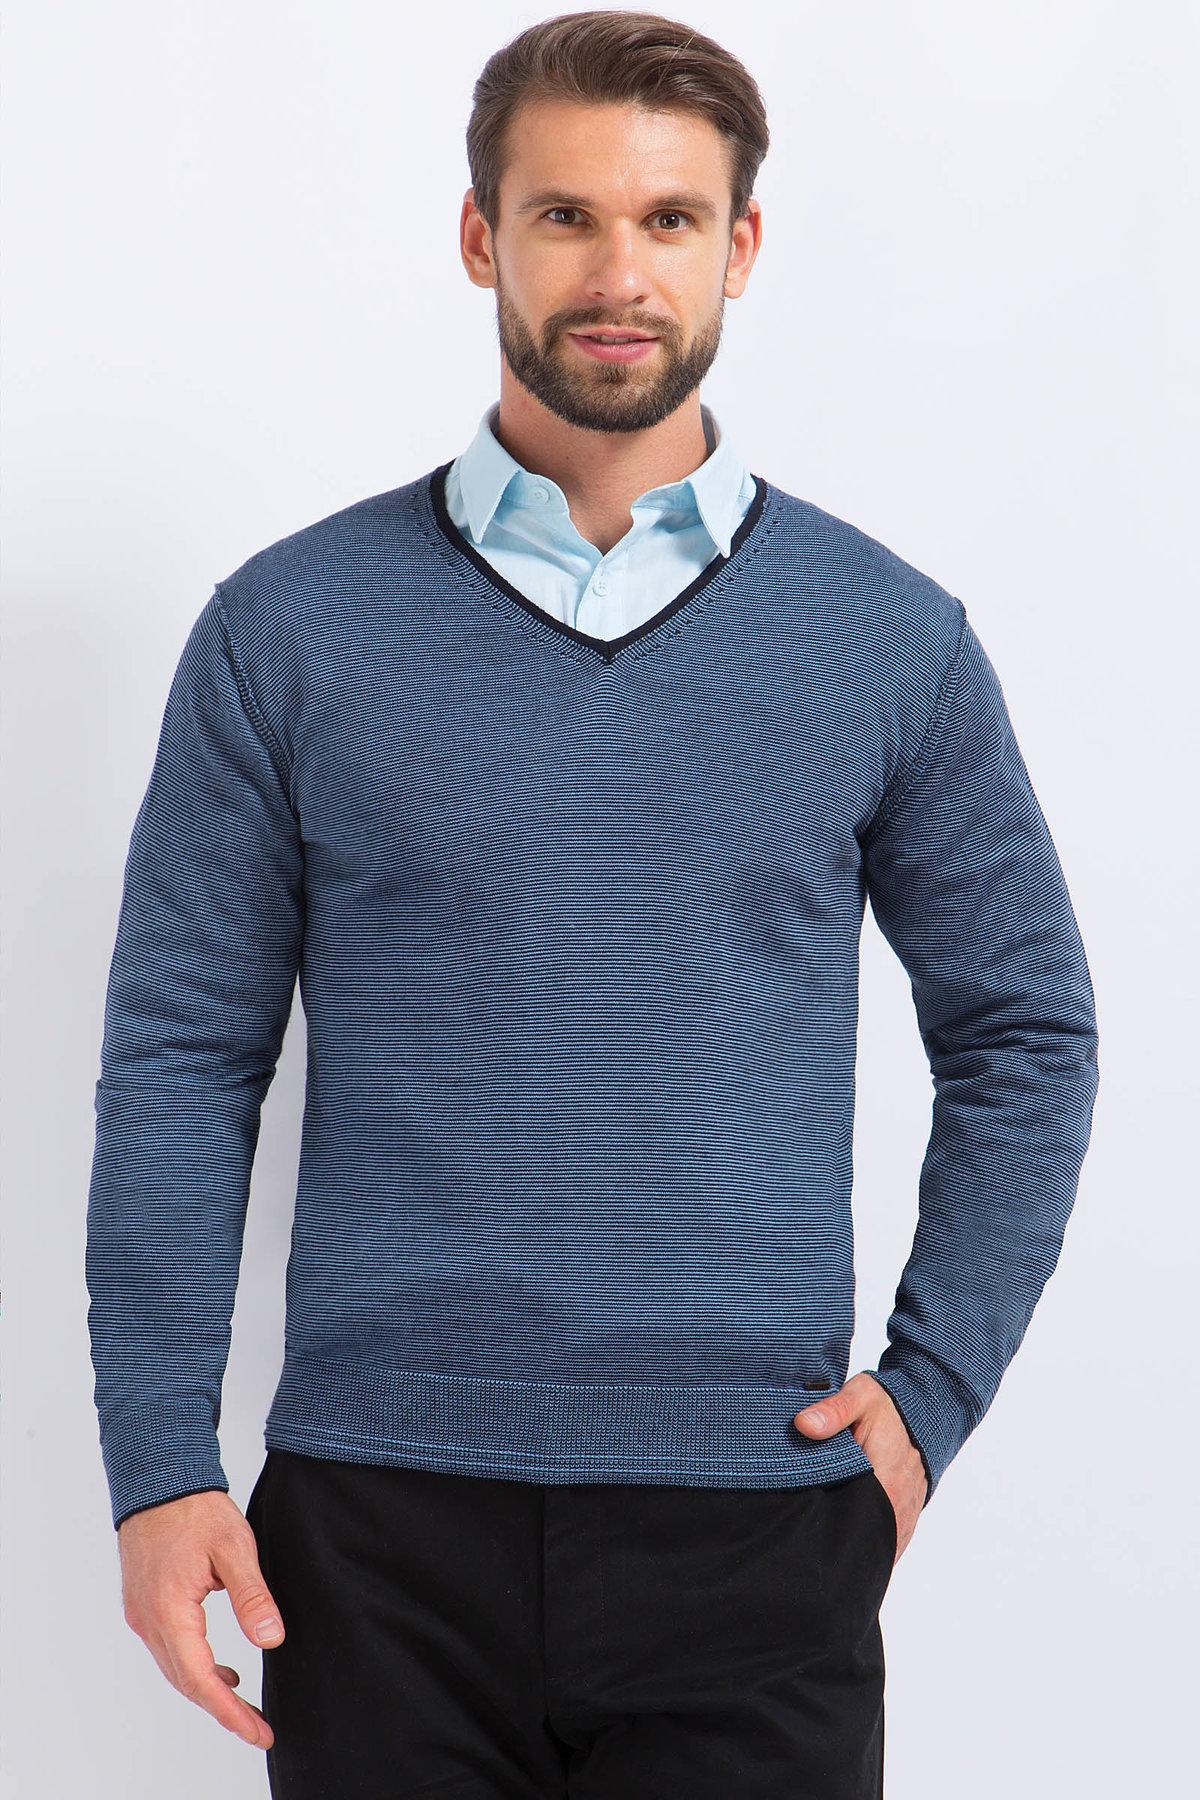 мужские пуловеры фото форме именно еловых